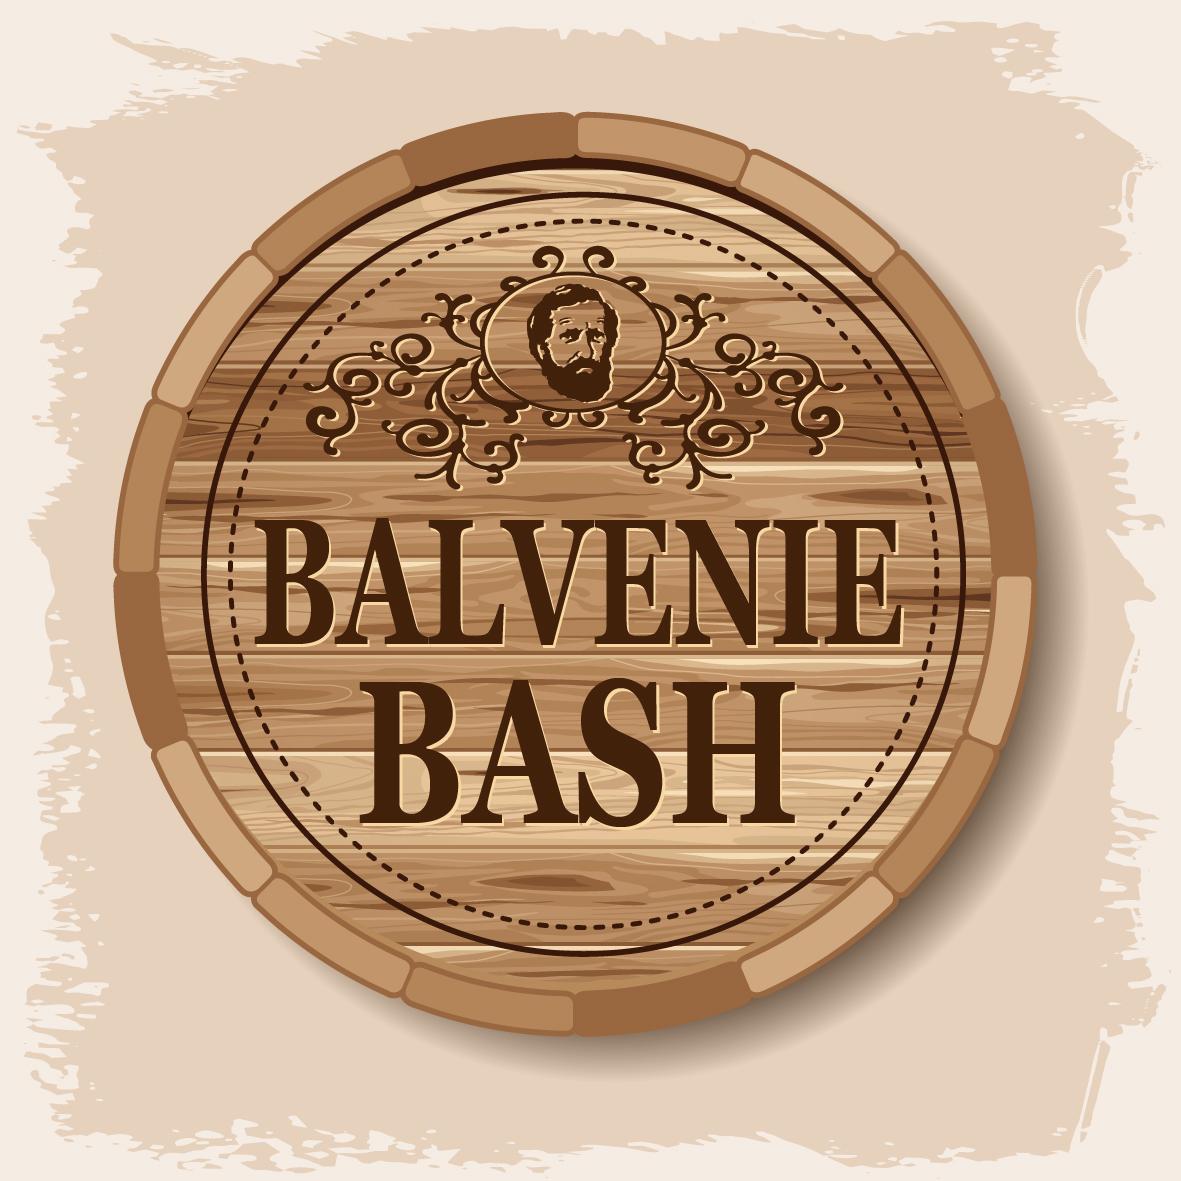 Balvenie Bash